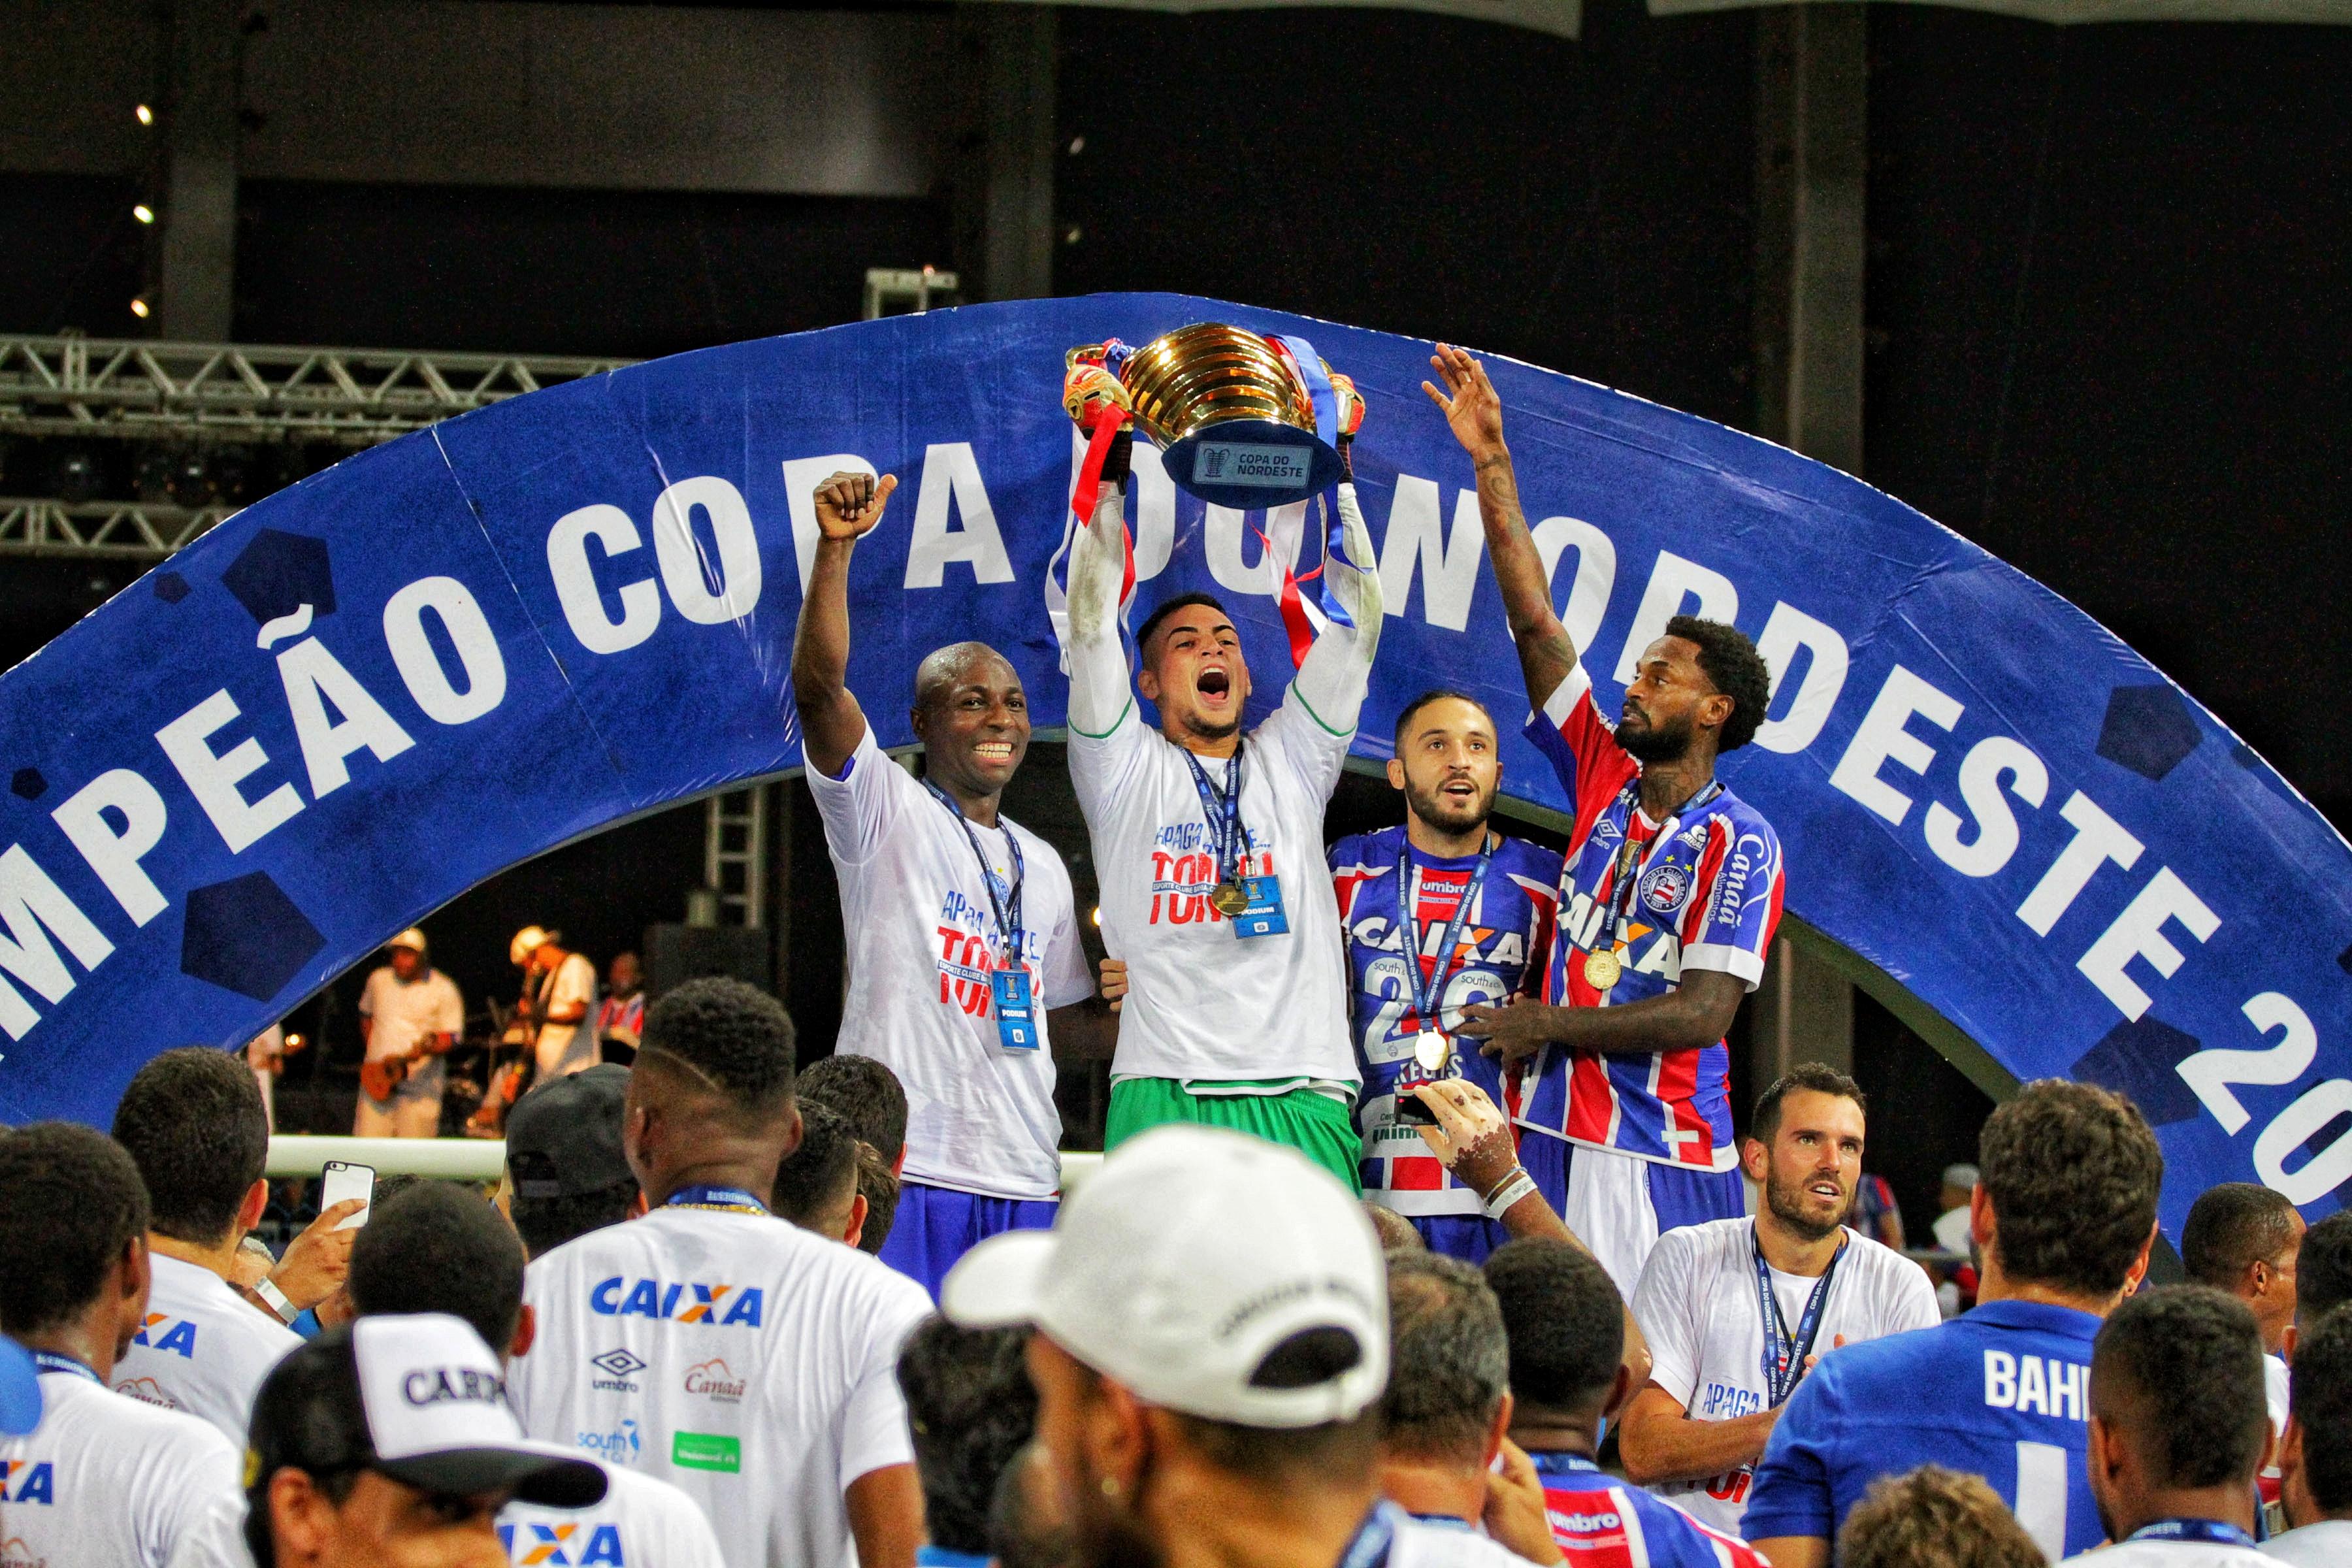 Nossa última vitória no Nordestão foi do Bahia, que trouxe a taça e o título de melhor artilheiro para Regis. A final foi um empate de 1x1 com o Sport.